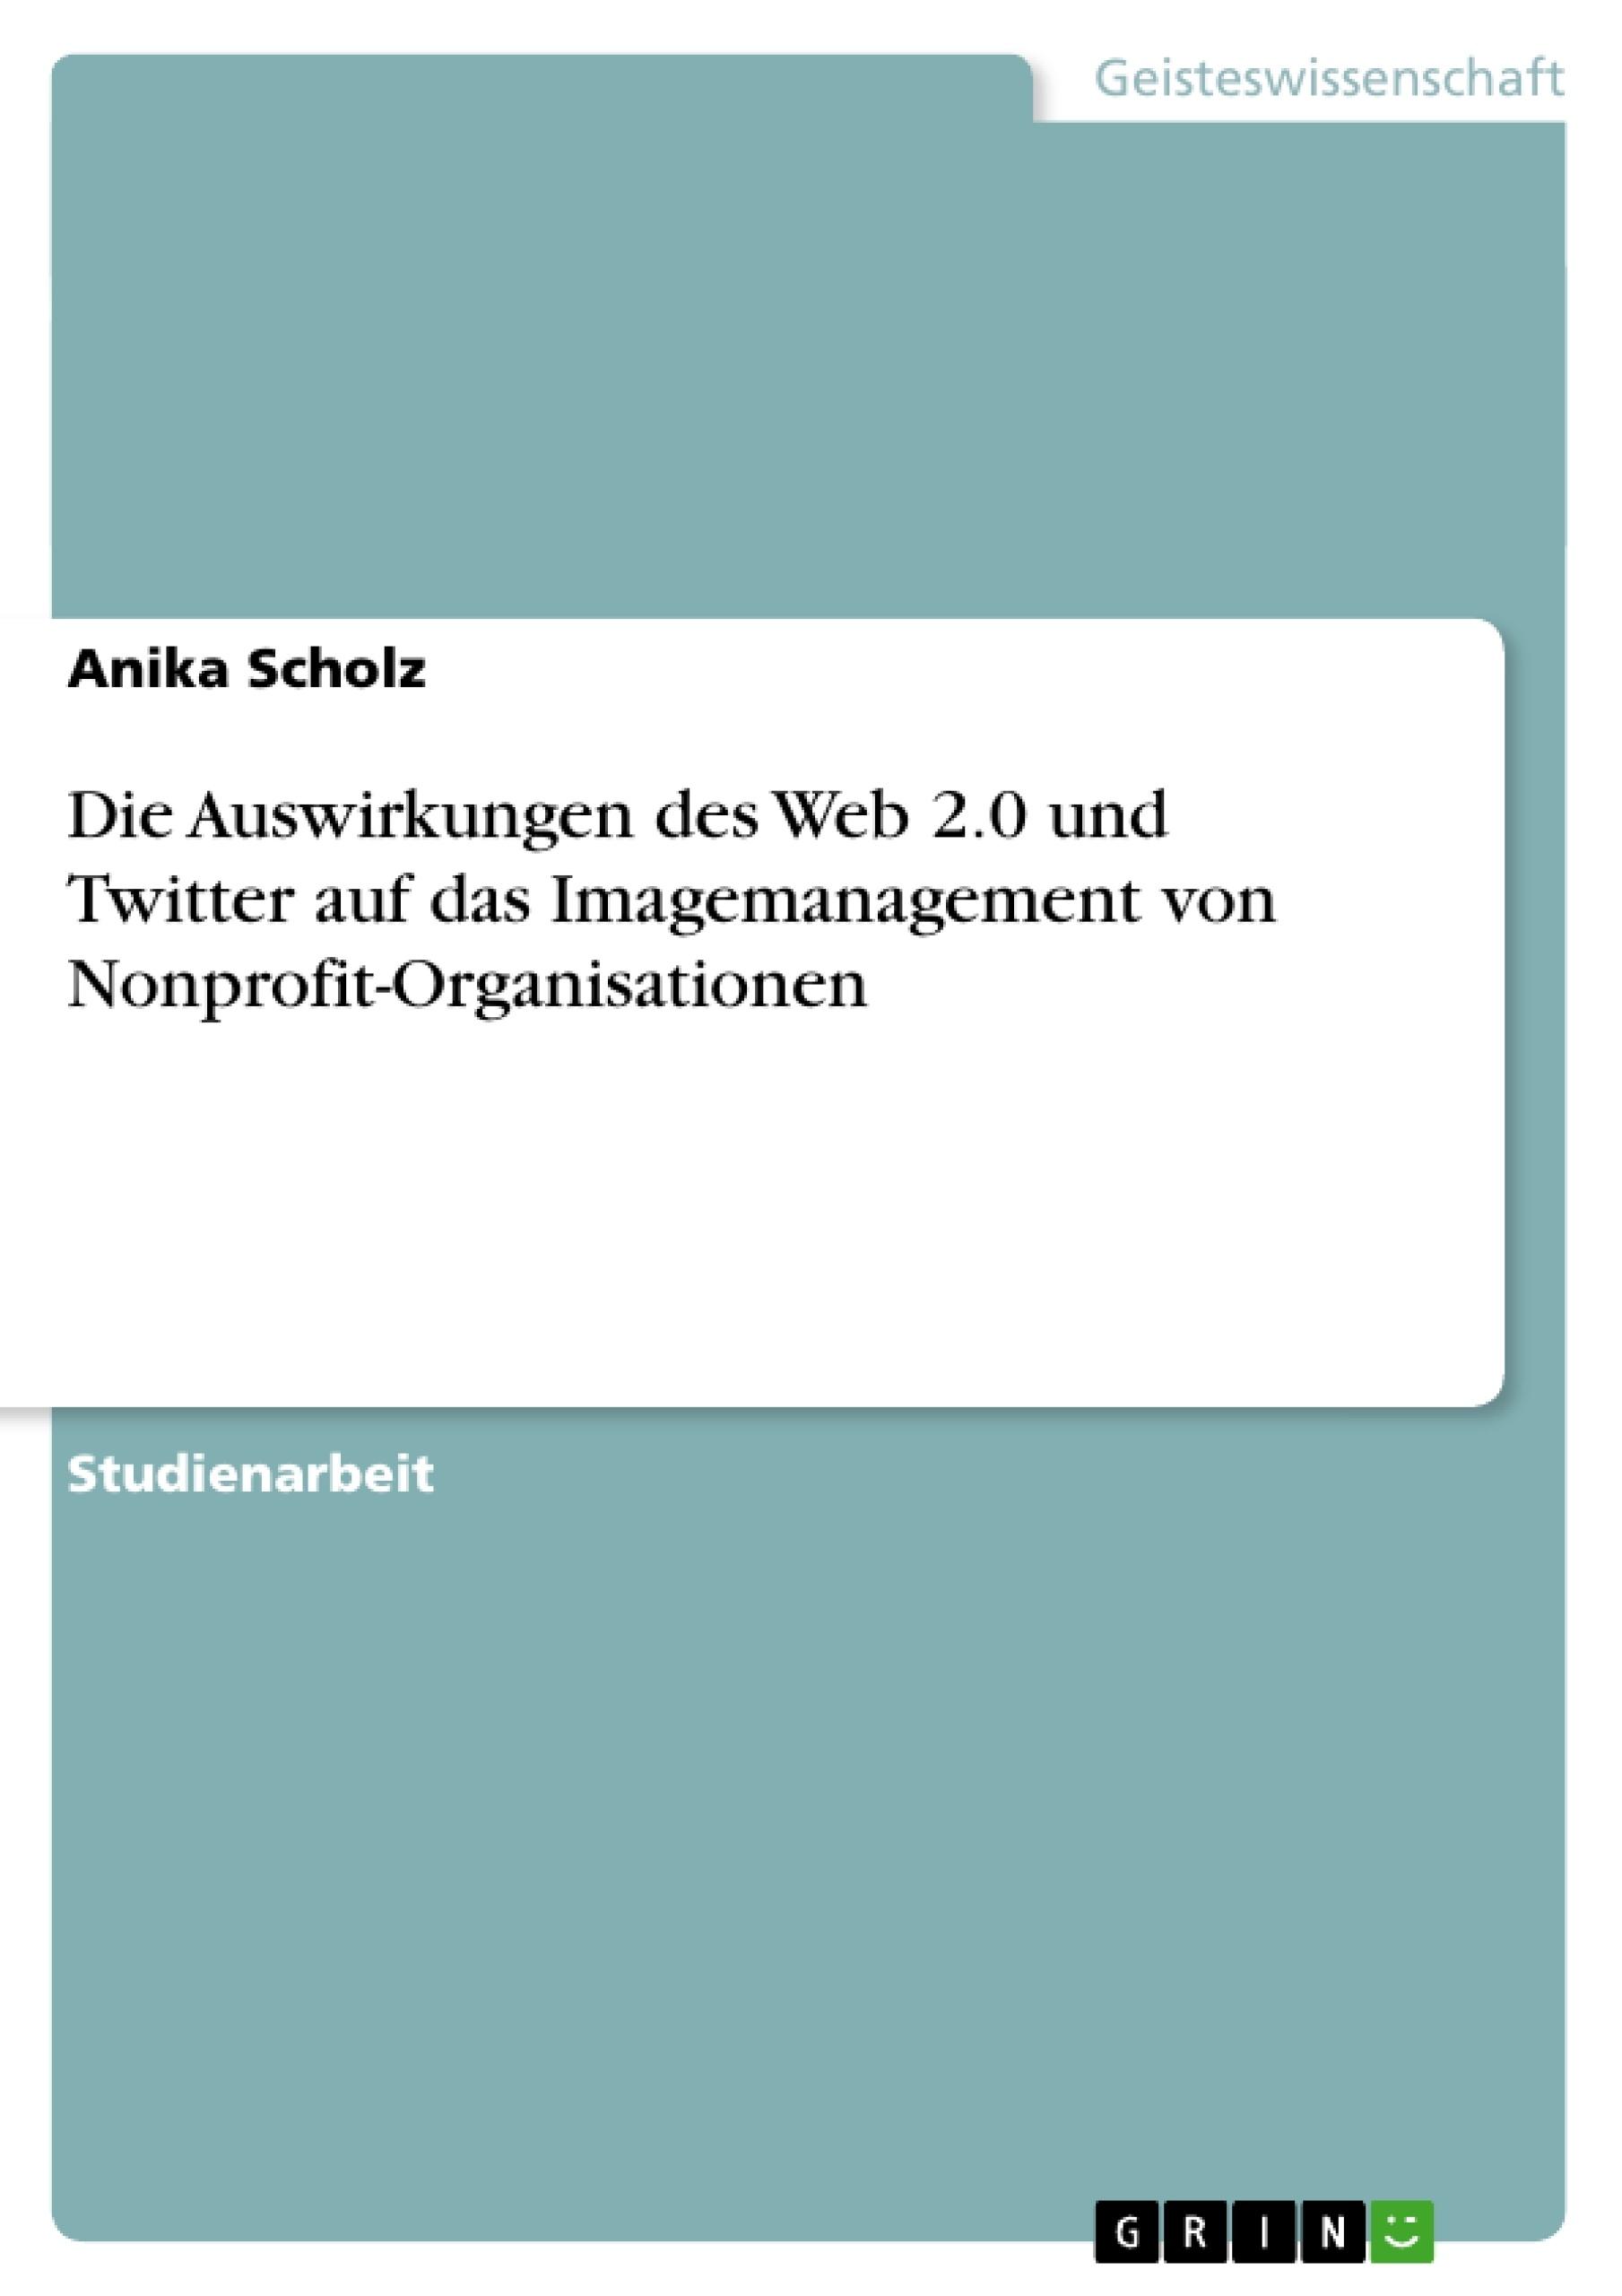 Titel: Die Auswirkungen des Web 2.0 und Twitter auf das Imagemanagement von Nonprofit-Organisationen